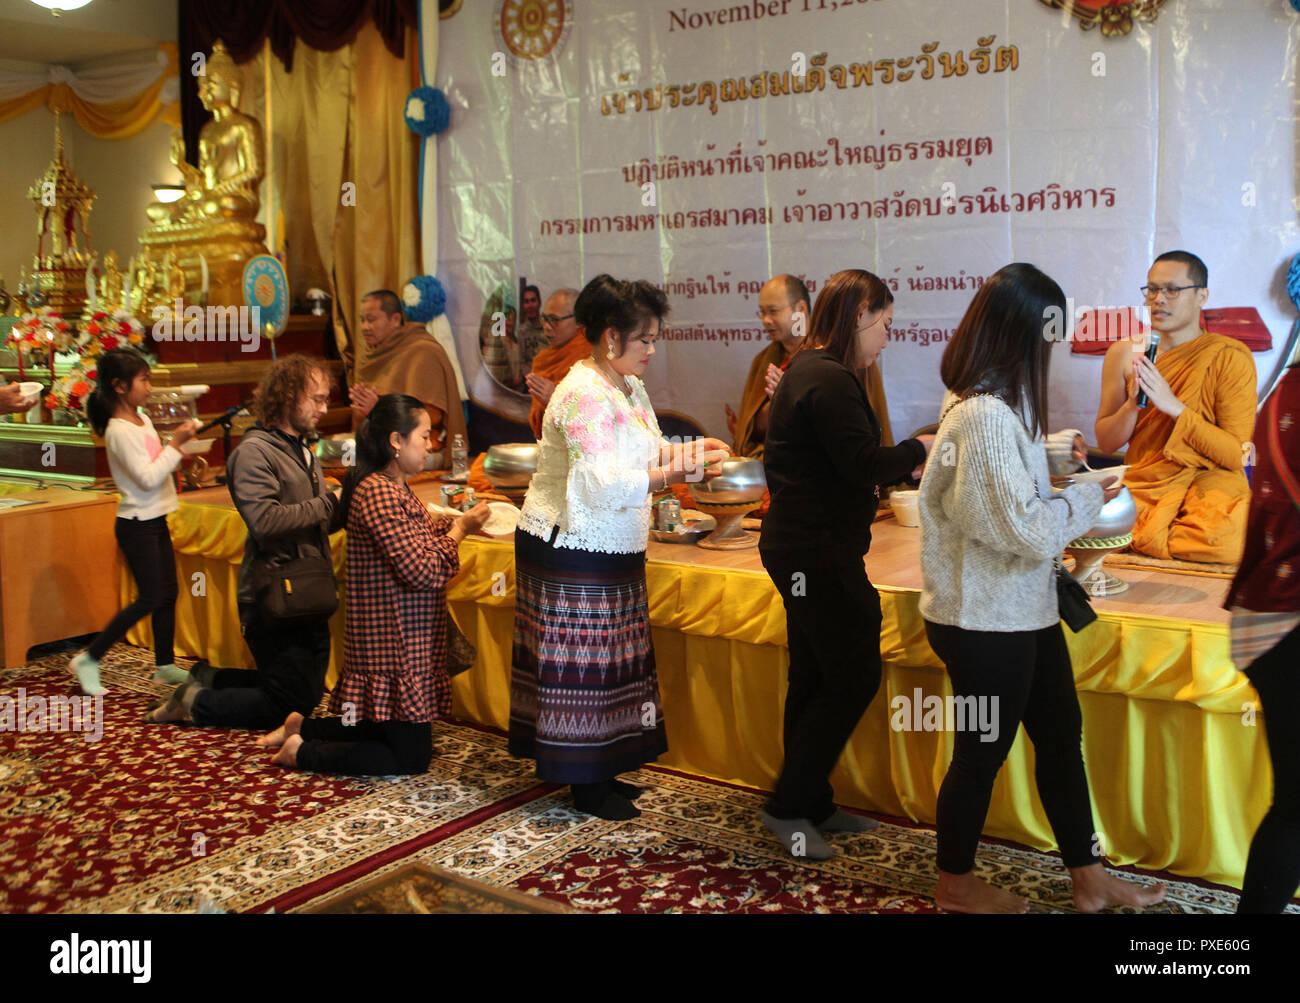 Devoti buddisti offrono cibo ai monaci di annuale di fine della Quaresima celebrazione svoltasi presso il Wat Boston Budda tempio Vararam, solo uno dei due in Massachusetts. Immagini Stock